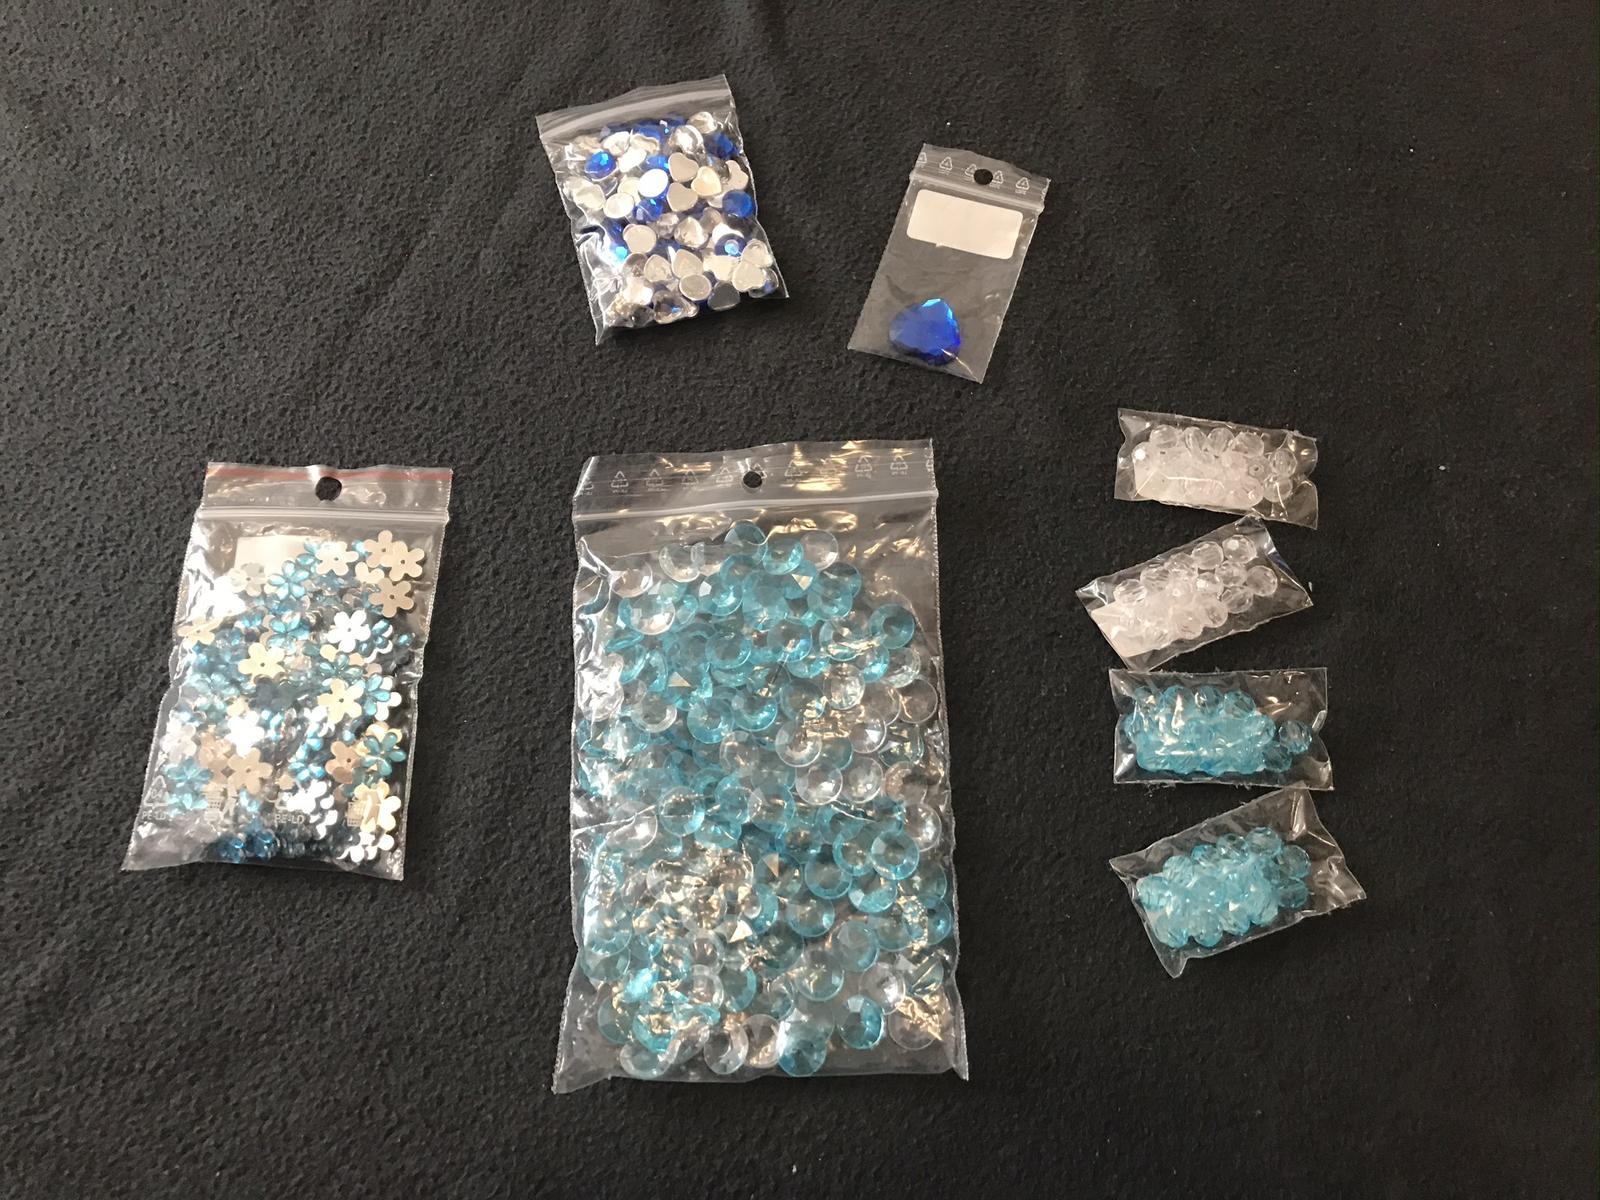 Dekorační korálky modré a transparentní (mix) - Obrázek č. 1